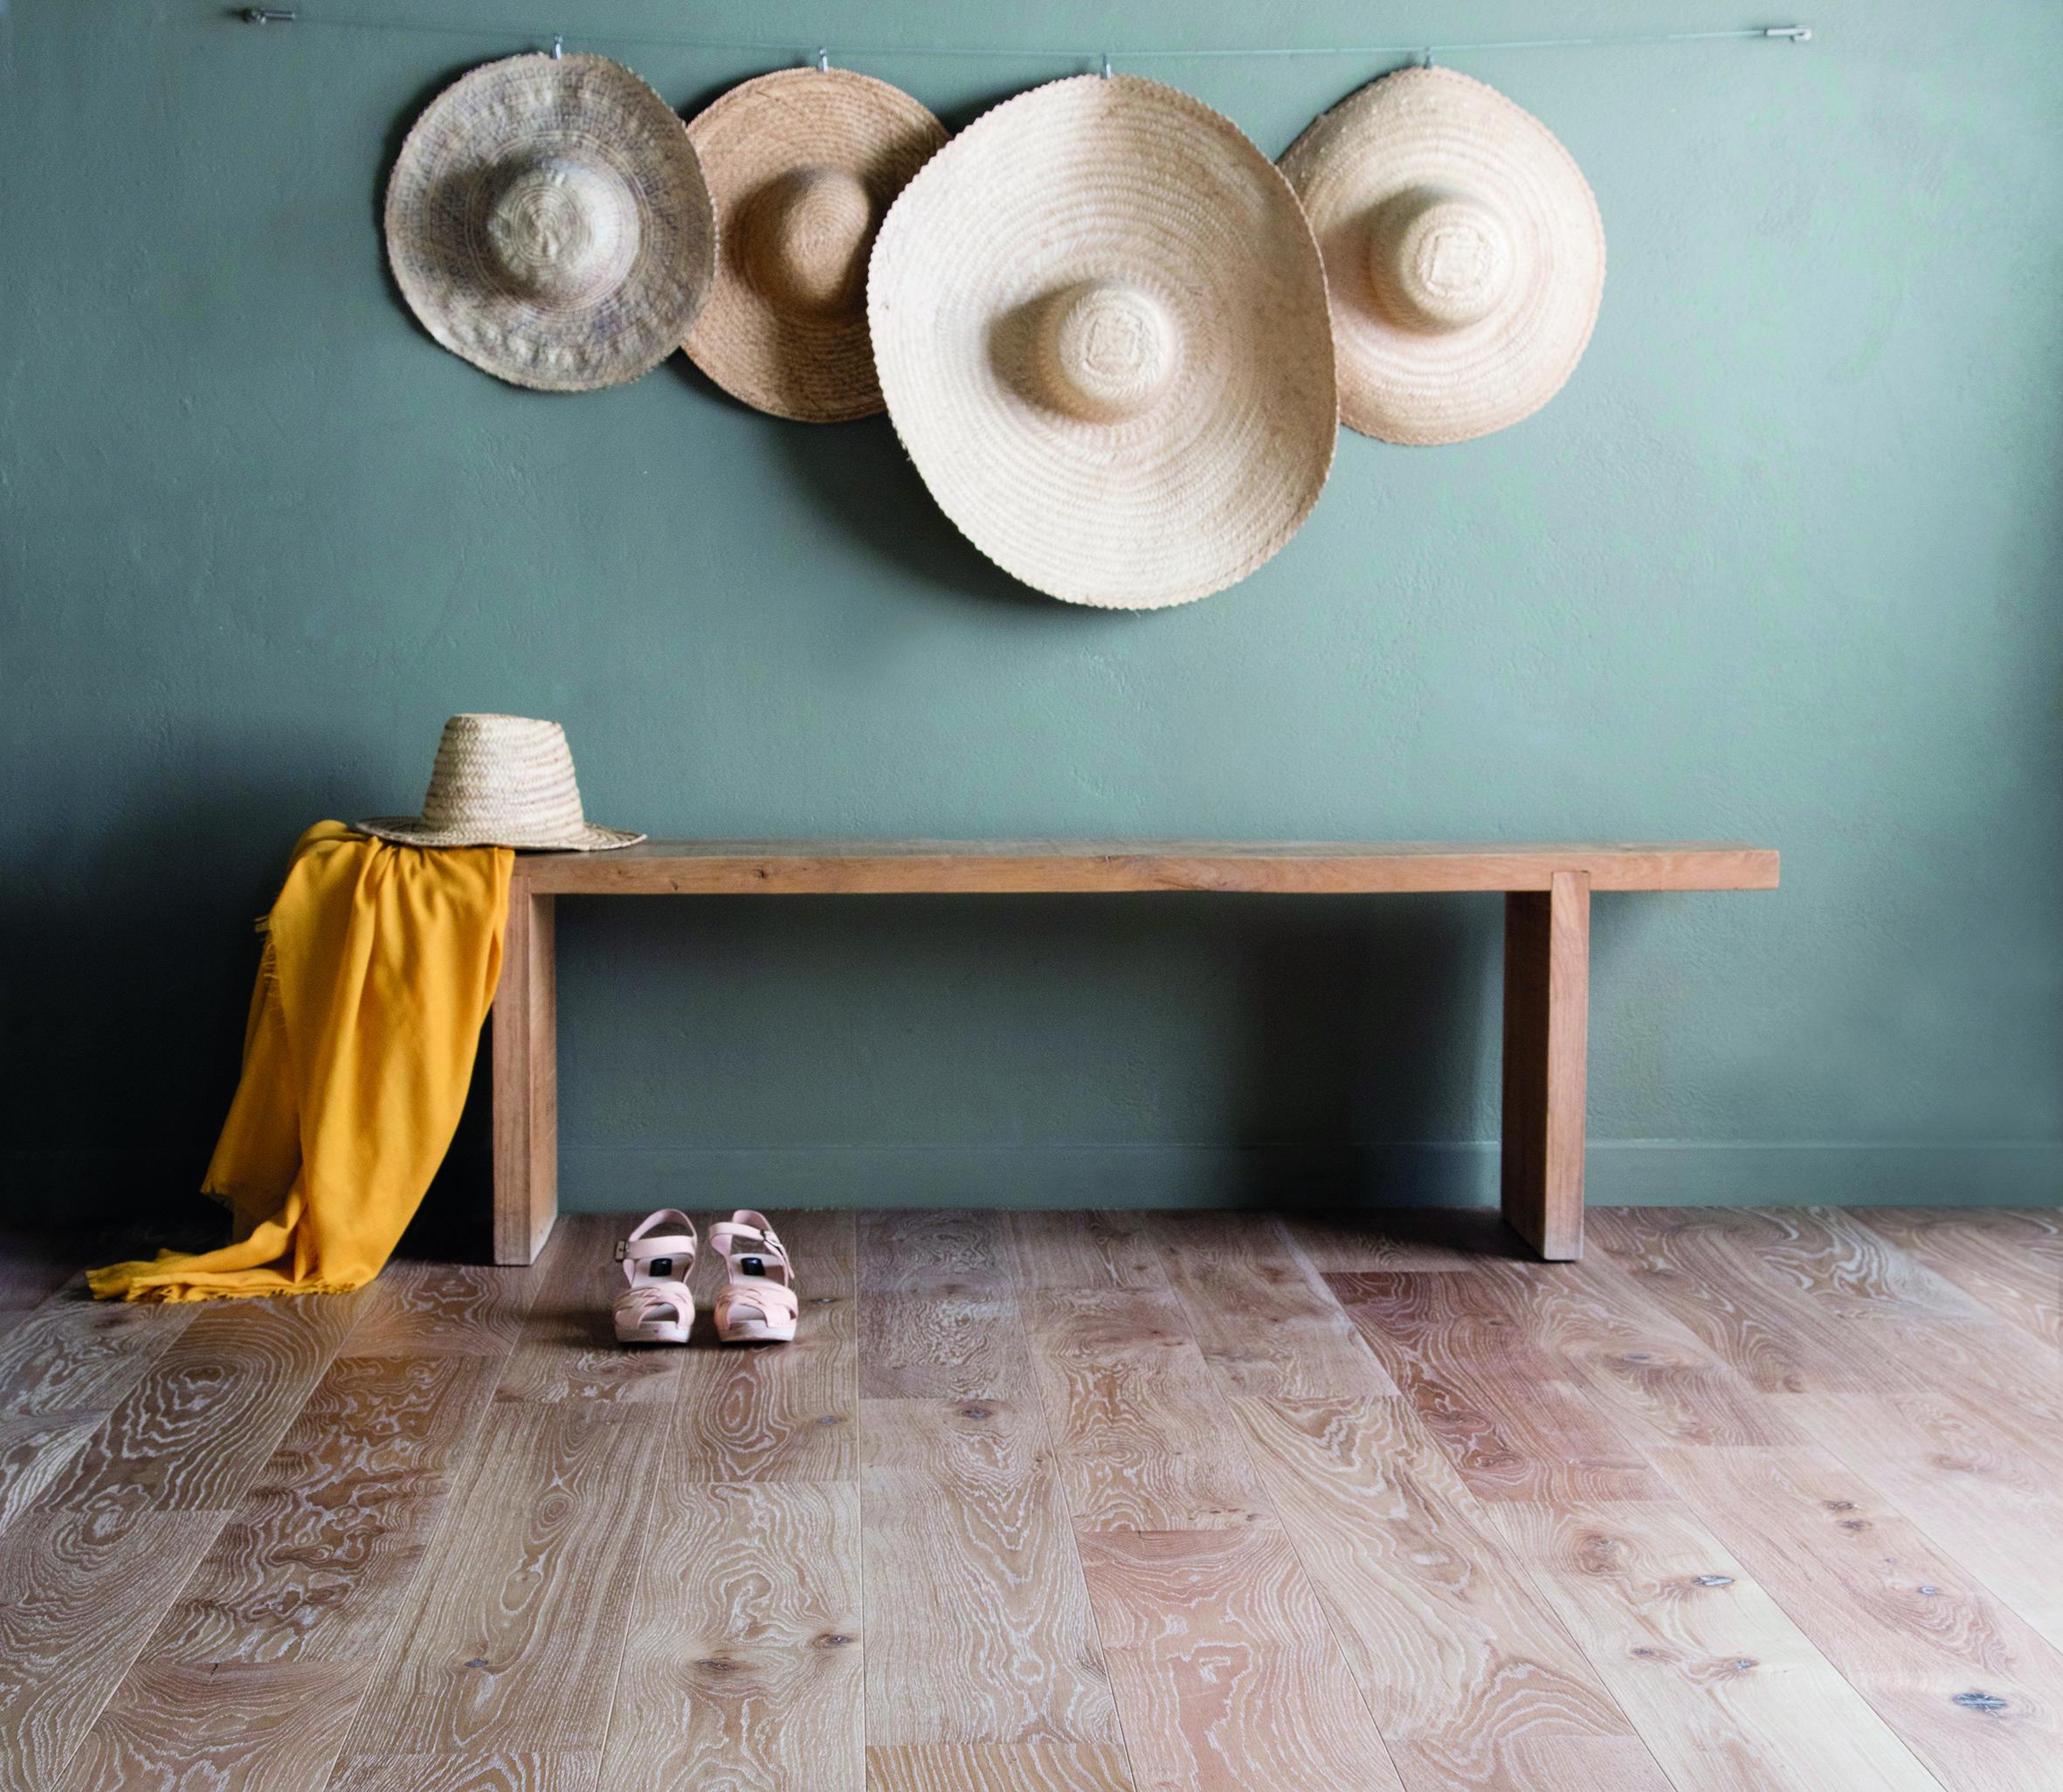 dans une entreé, un banc en bois sur un parquet clair. Le mur peint en vert d'eau accueille 4 grands chapeaux de paille accrochés comme des tabelaux. Un air de printemps